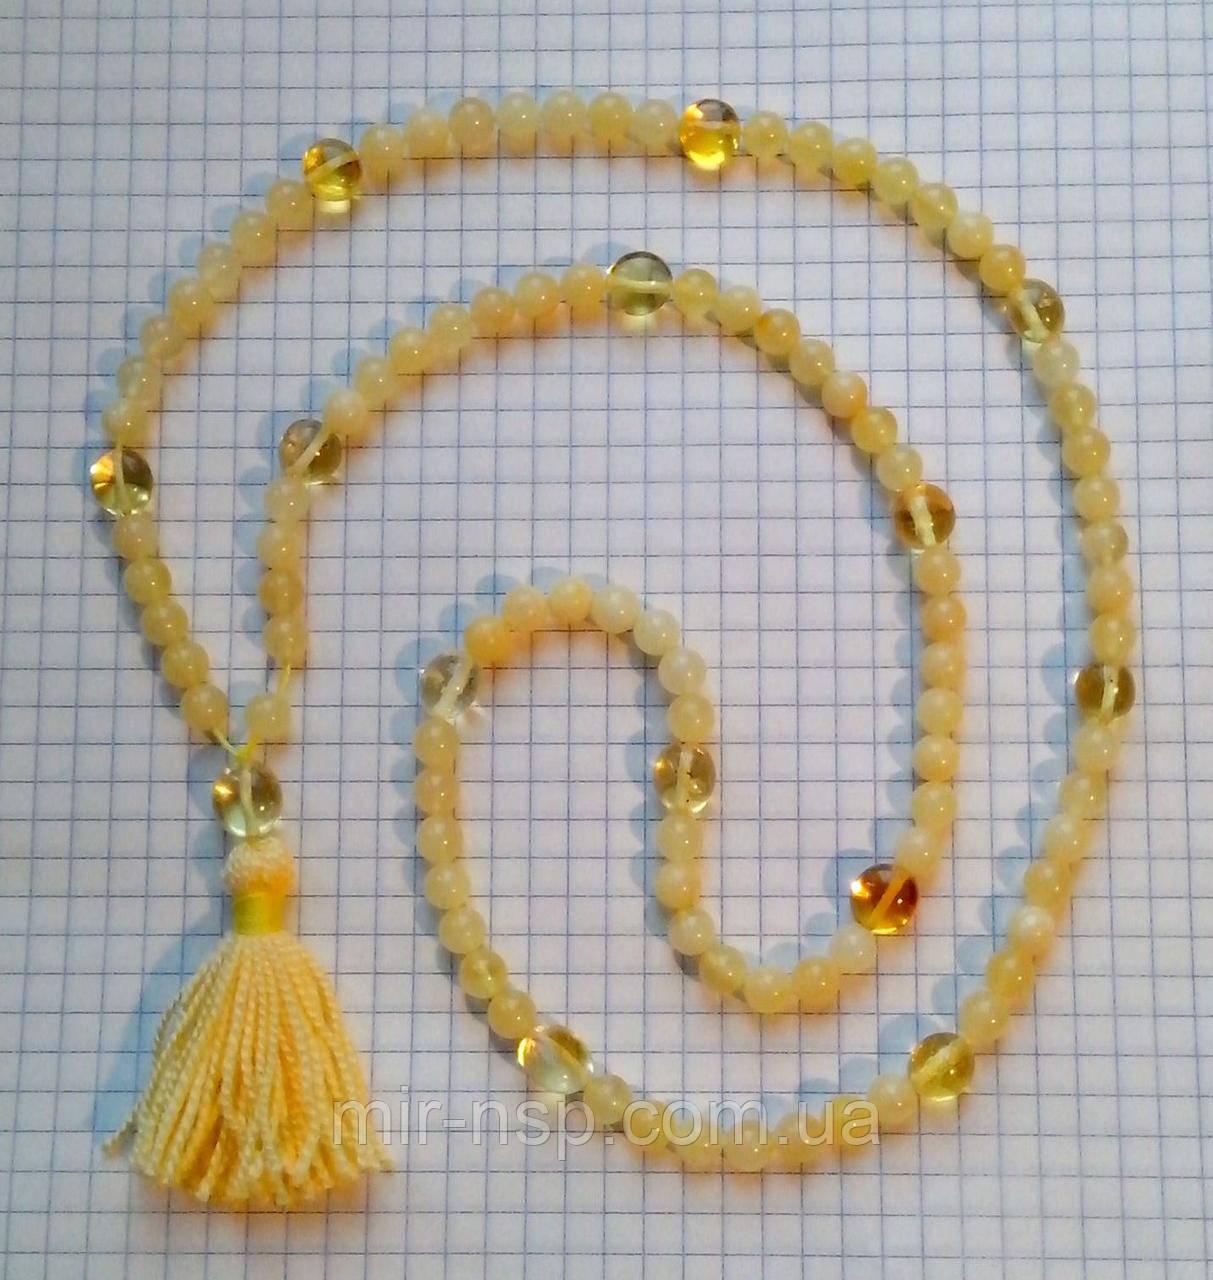 Мала четки 108 бусин 100% натуральный янтарь (не пресс, не плавка) шар 6 мм вес 17г